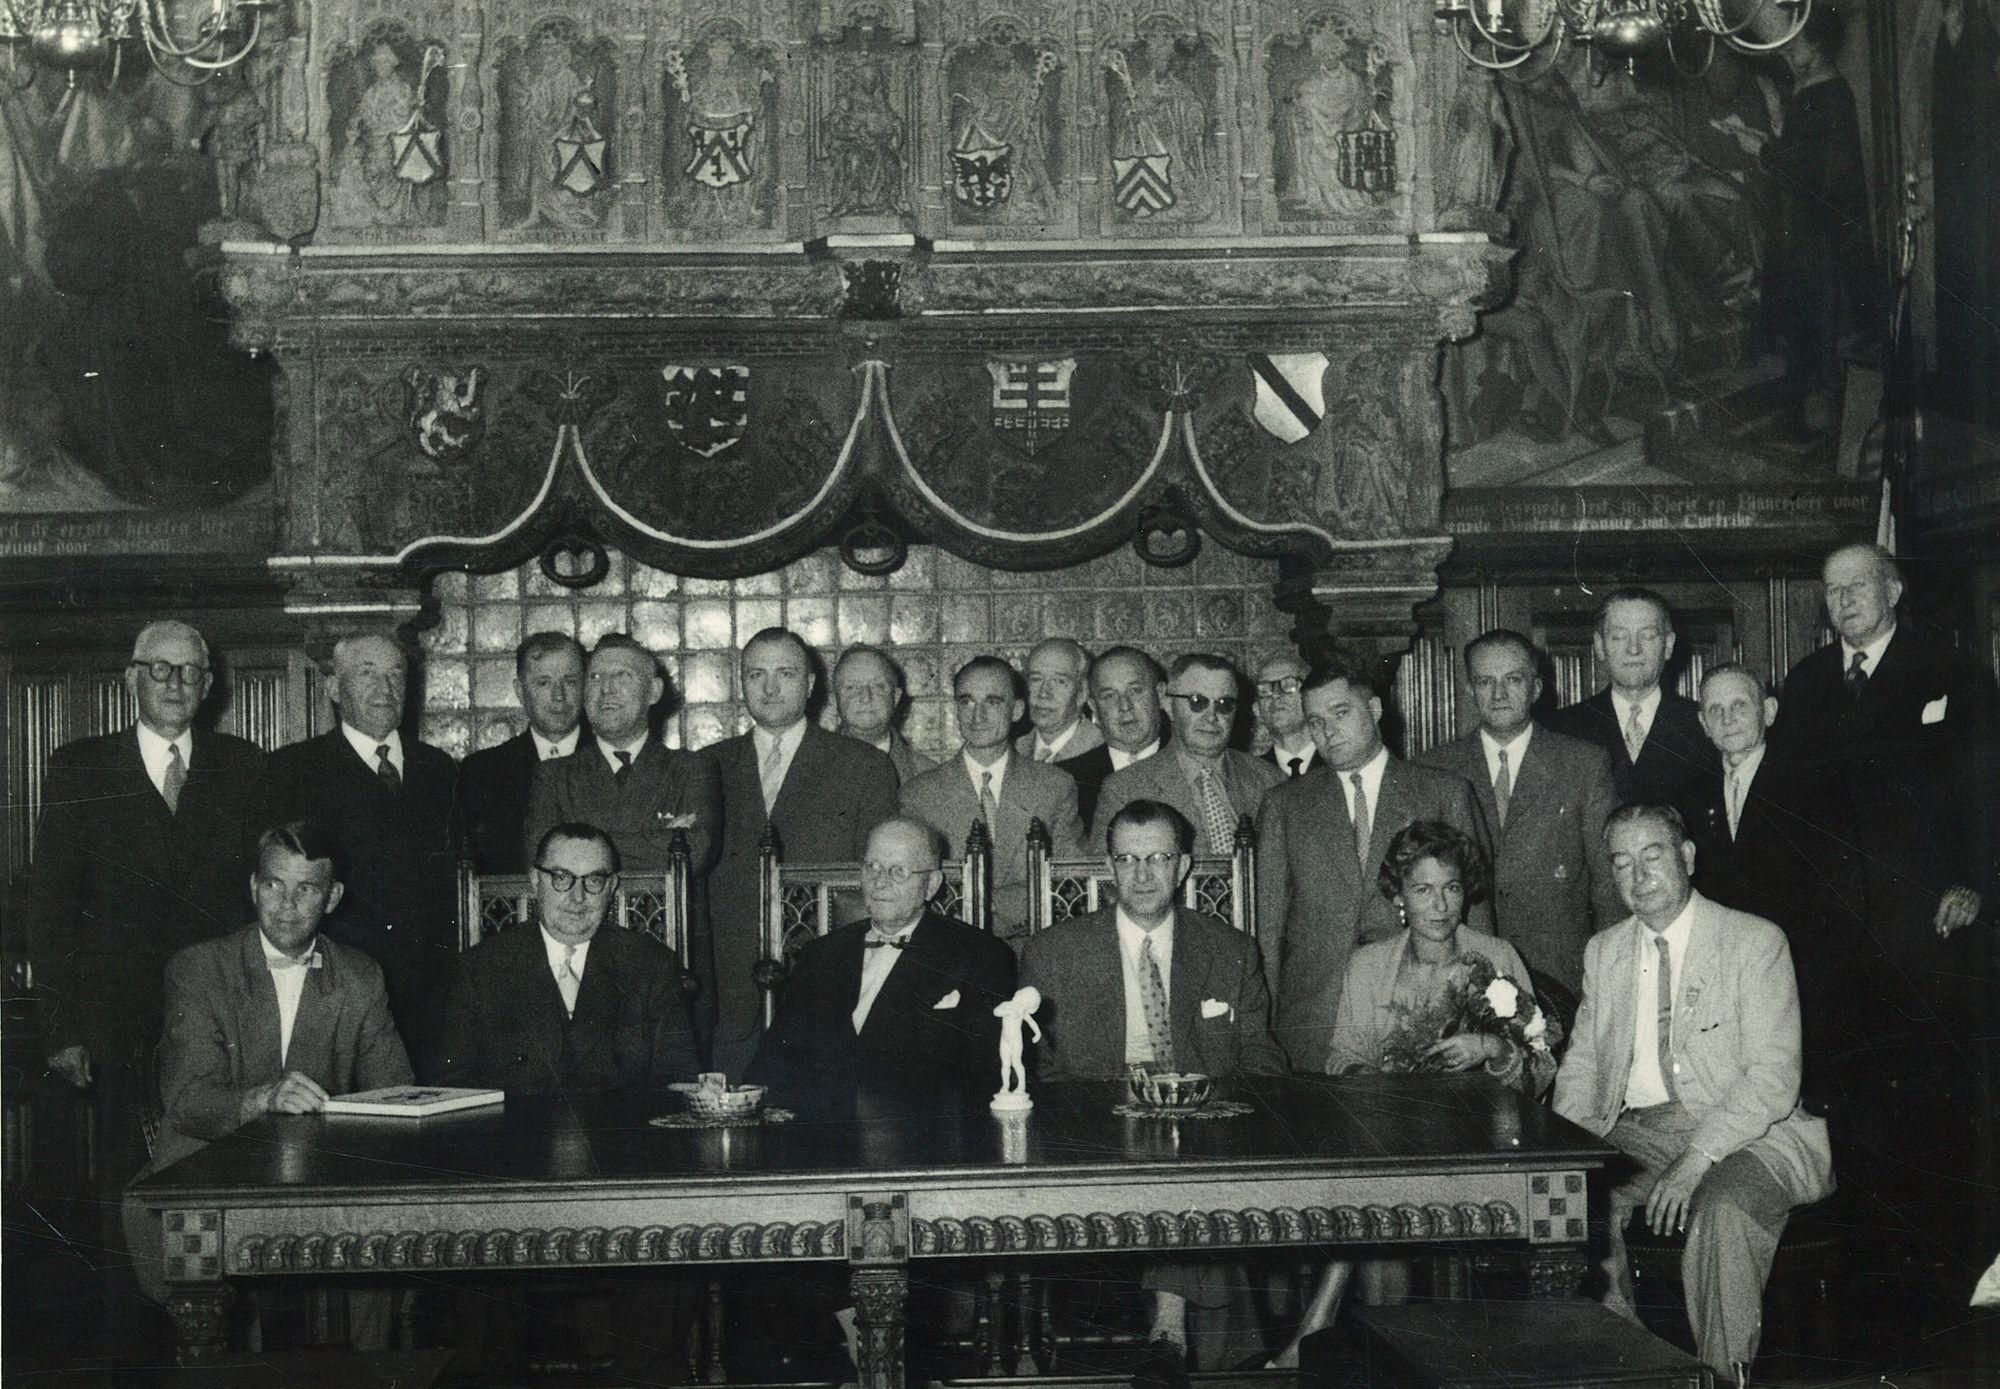 Plechtigheid in de historische schepenzaal